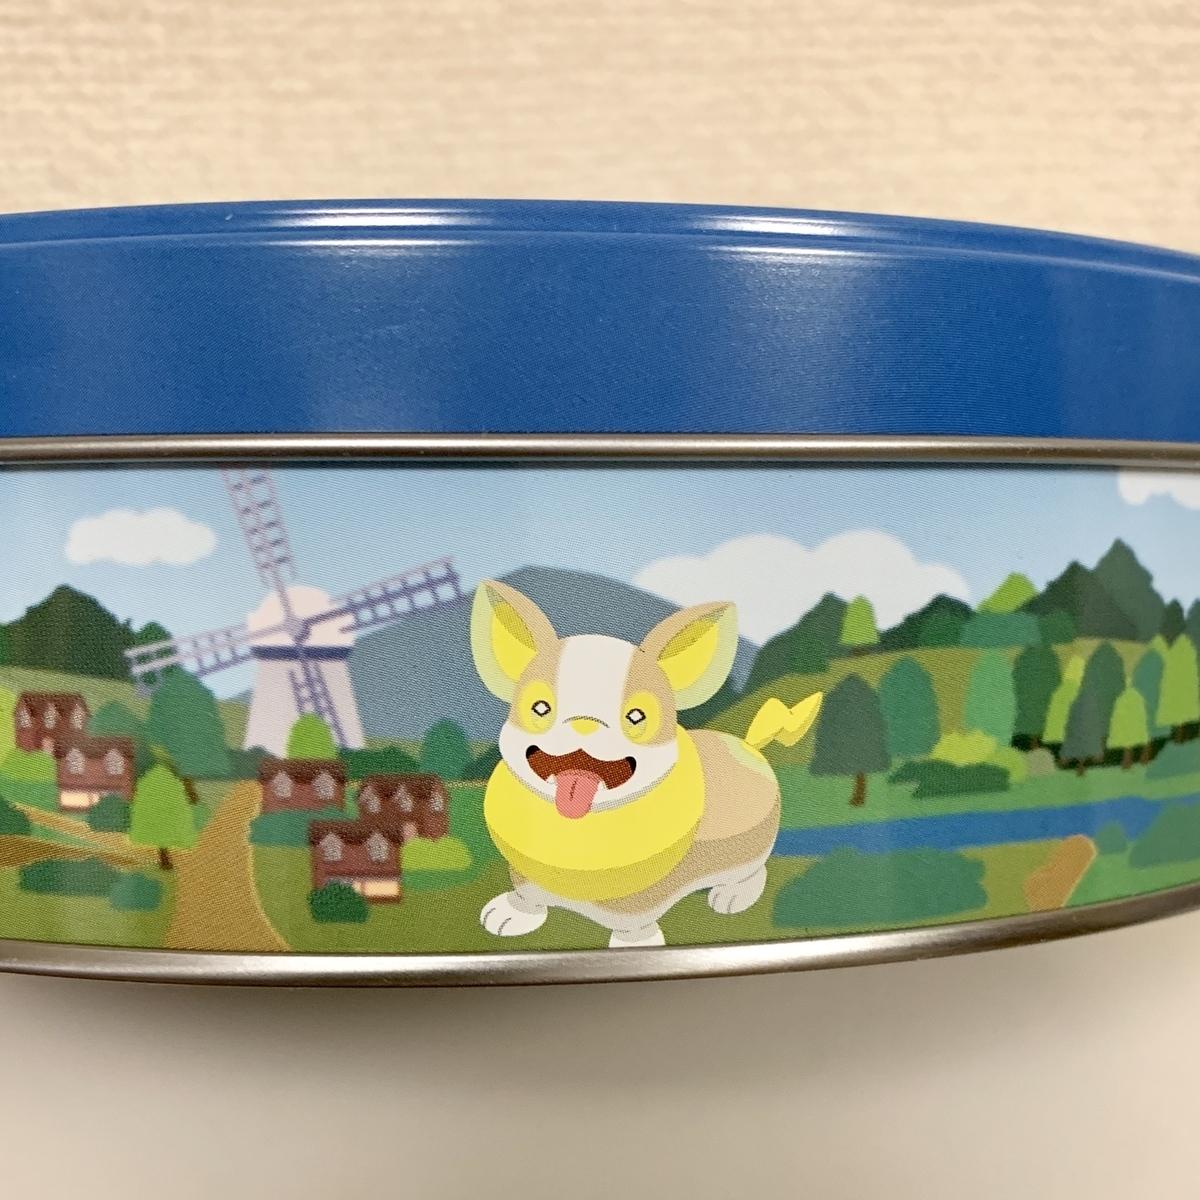 f:id:pikachu_pcn:20191117184309j:plain